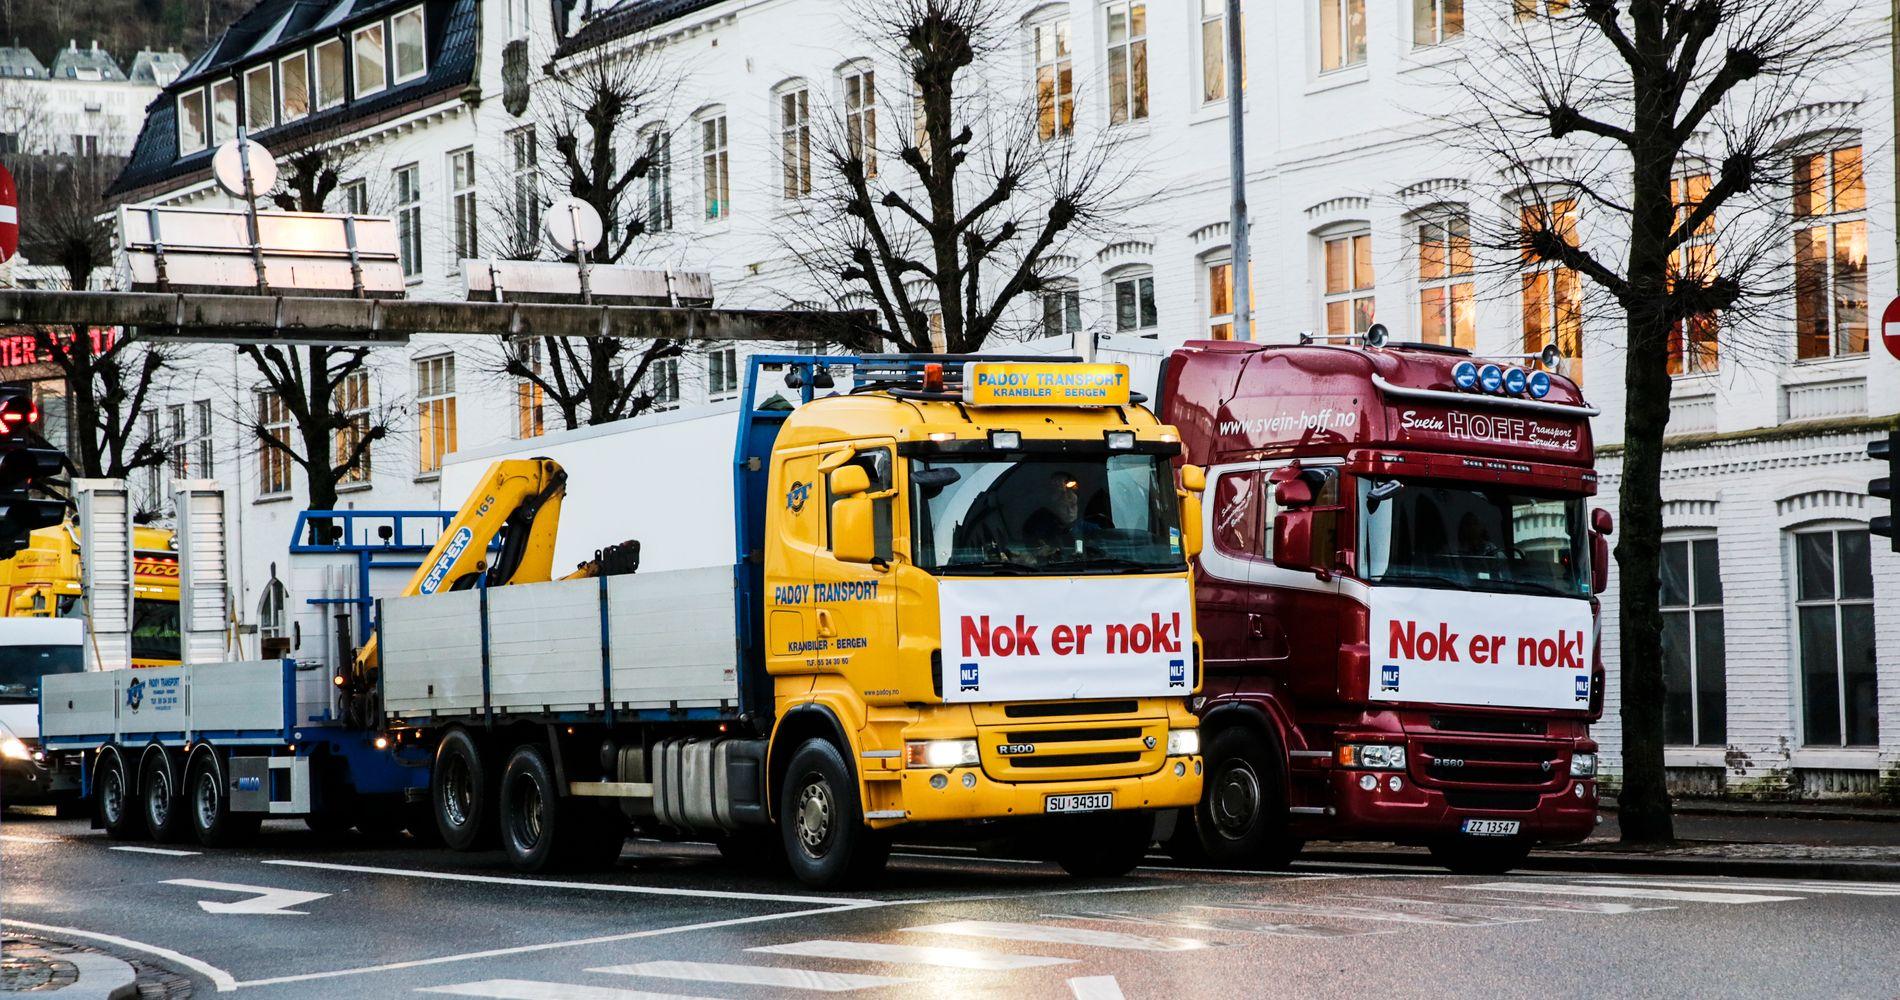 PROTEST: Aksjonister protesterer jevnlig mot bompenger ved å kjøre sakte i Bergens-gatene. Hvordan vil disse aksjonene bli vurdert om 30 års tid?